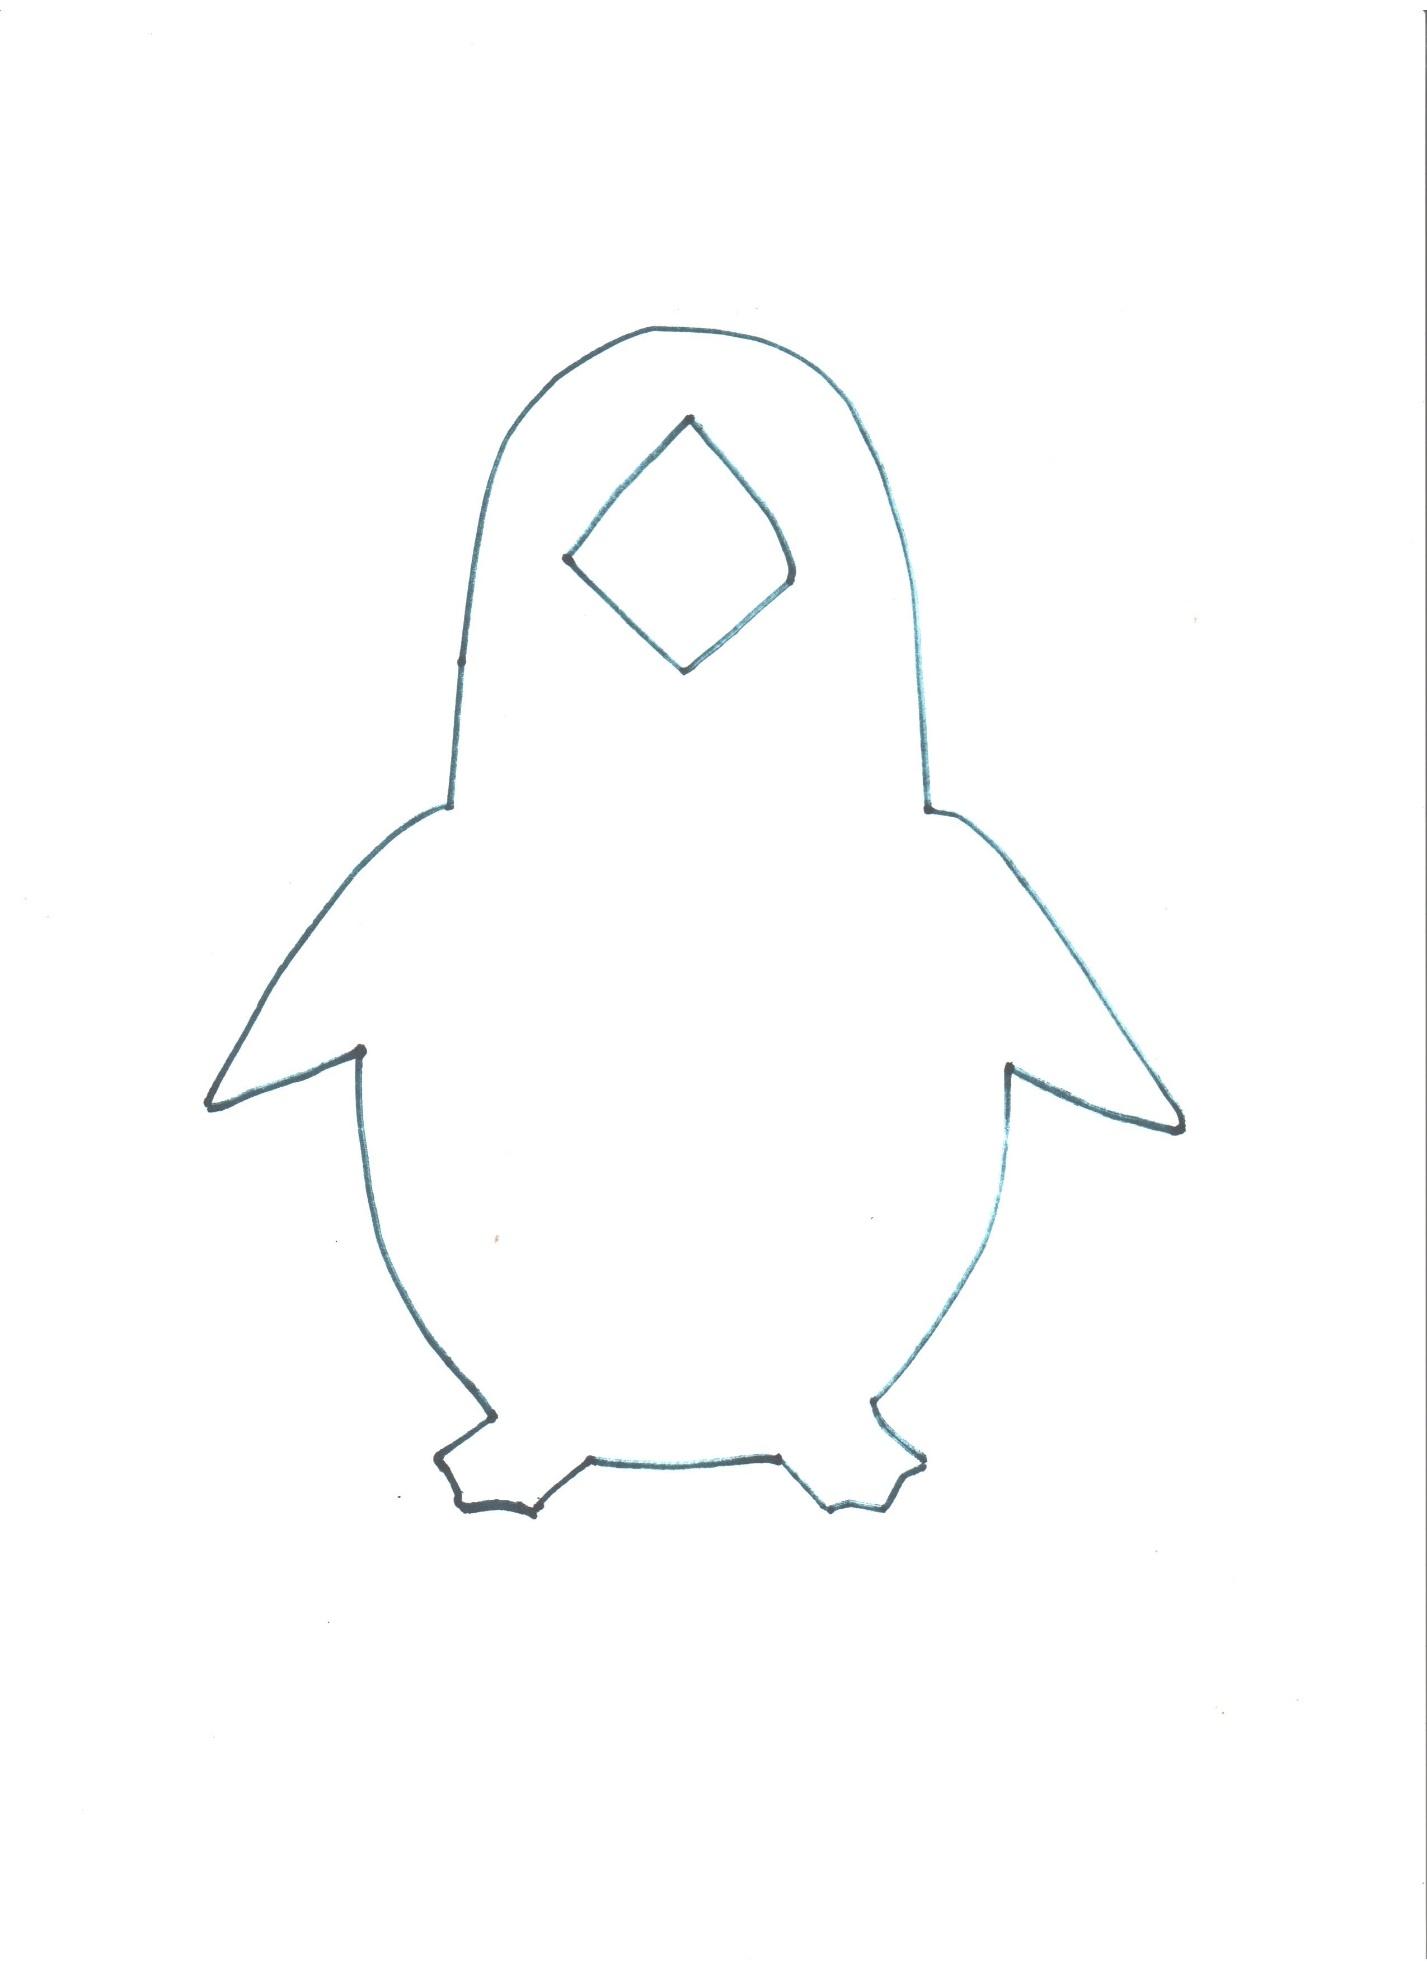 C:\Users\Елена\Desktop\Разработки\Подарок к Рождеству\2015-01-11 шаблон пингвин\шаблон пингвин 001.jpg